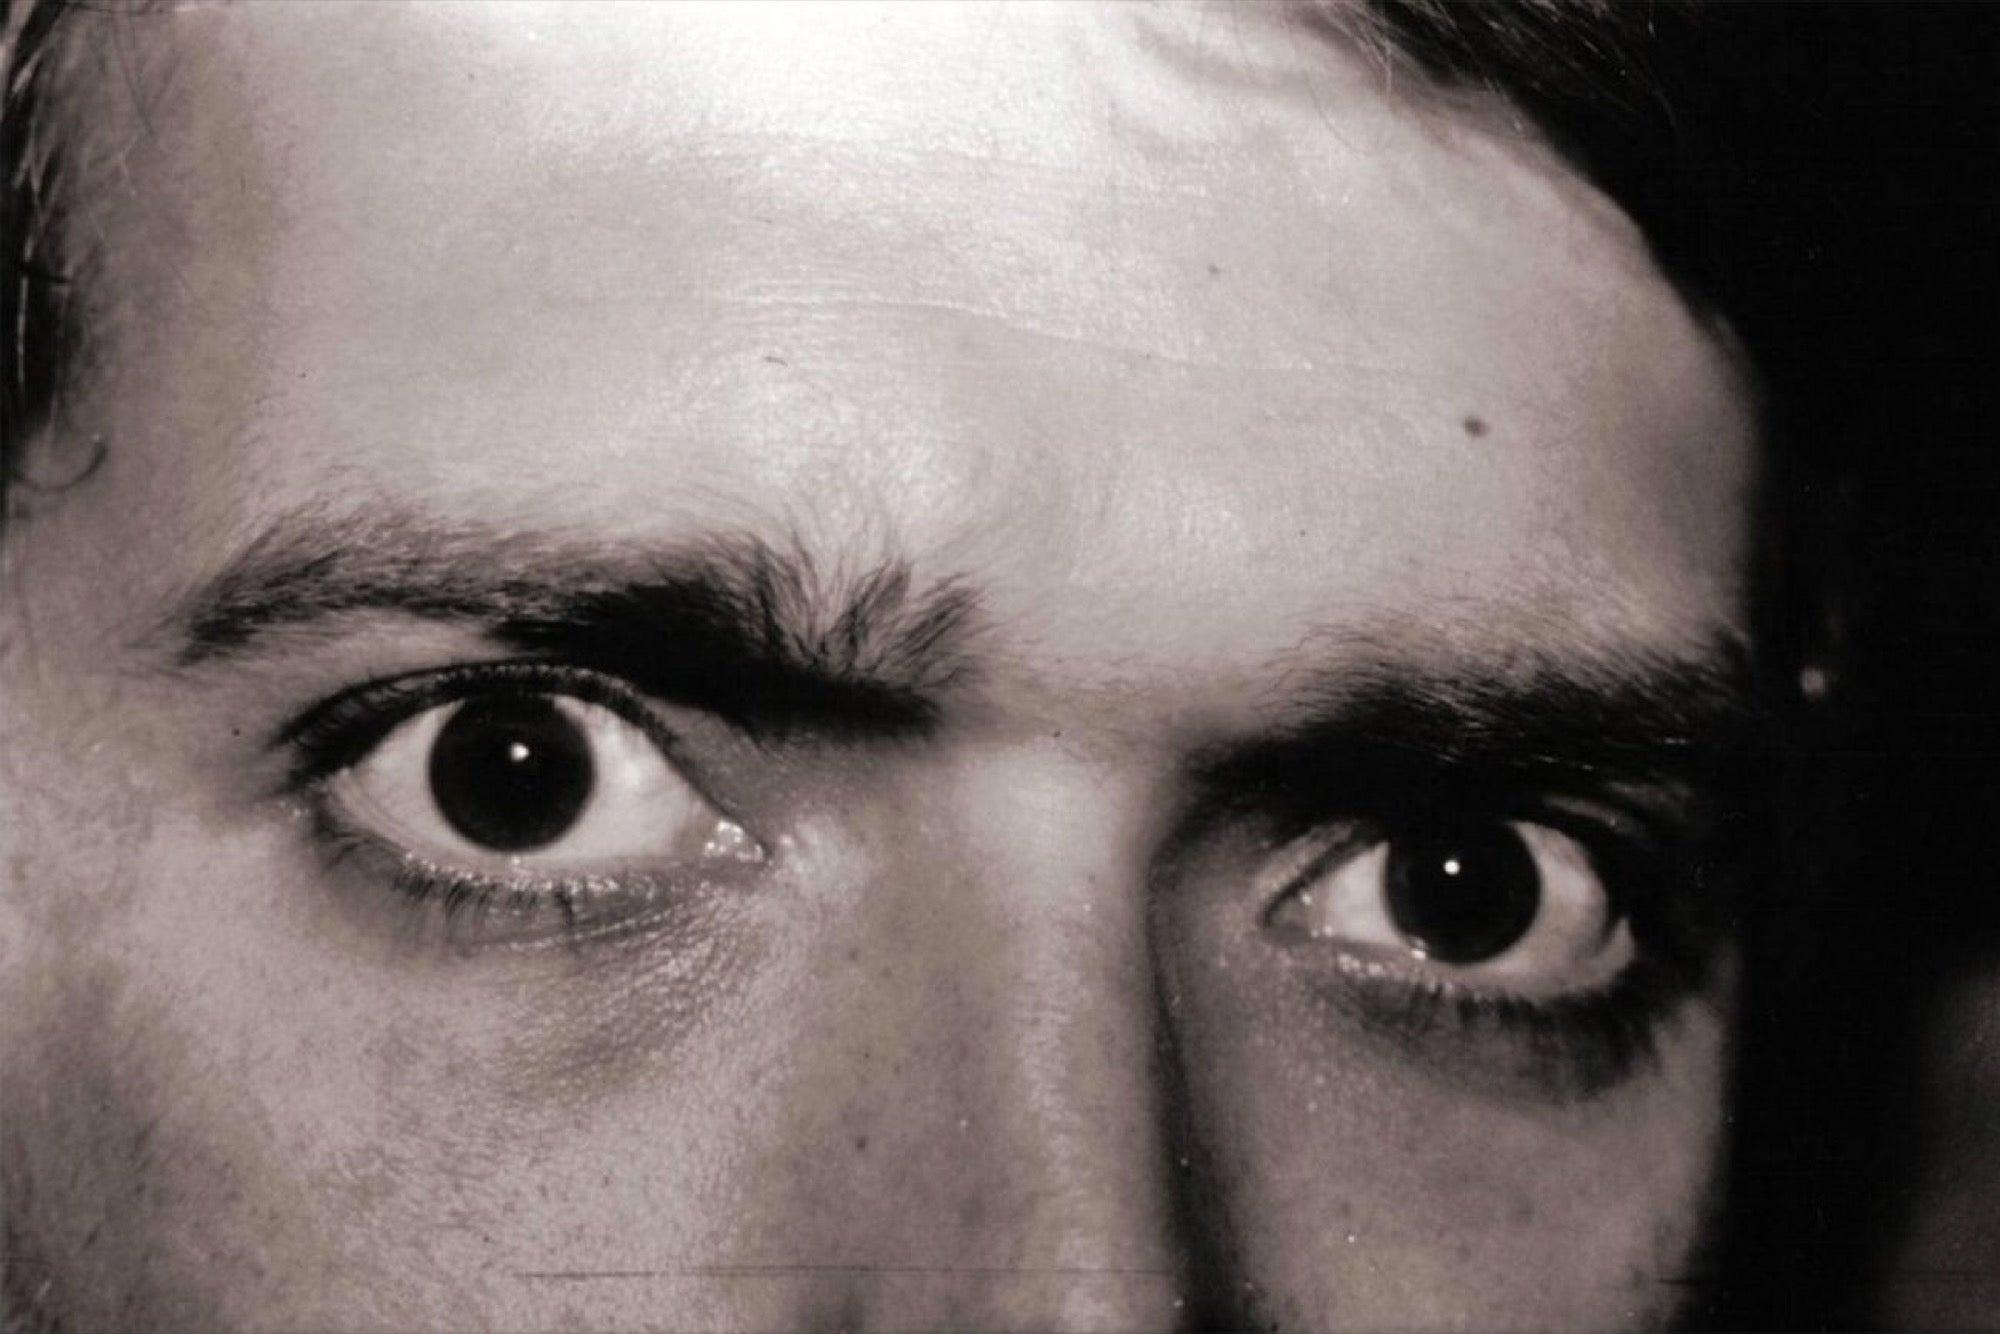 Intimidating eye contact